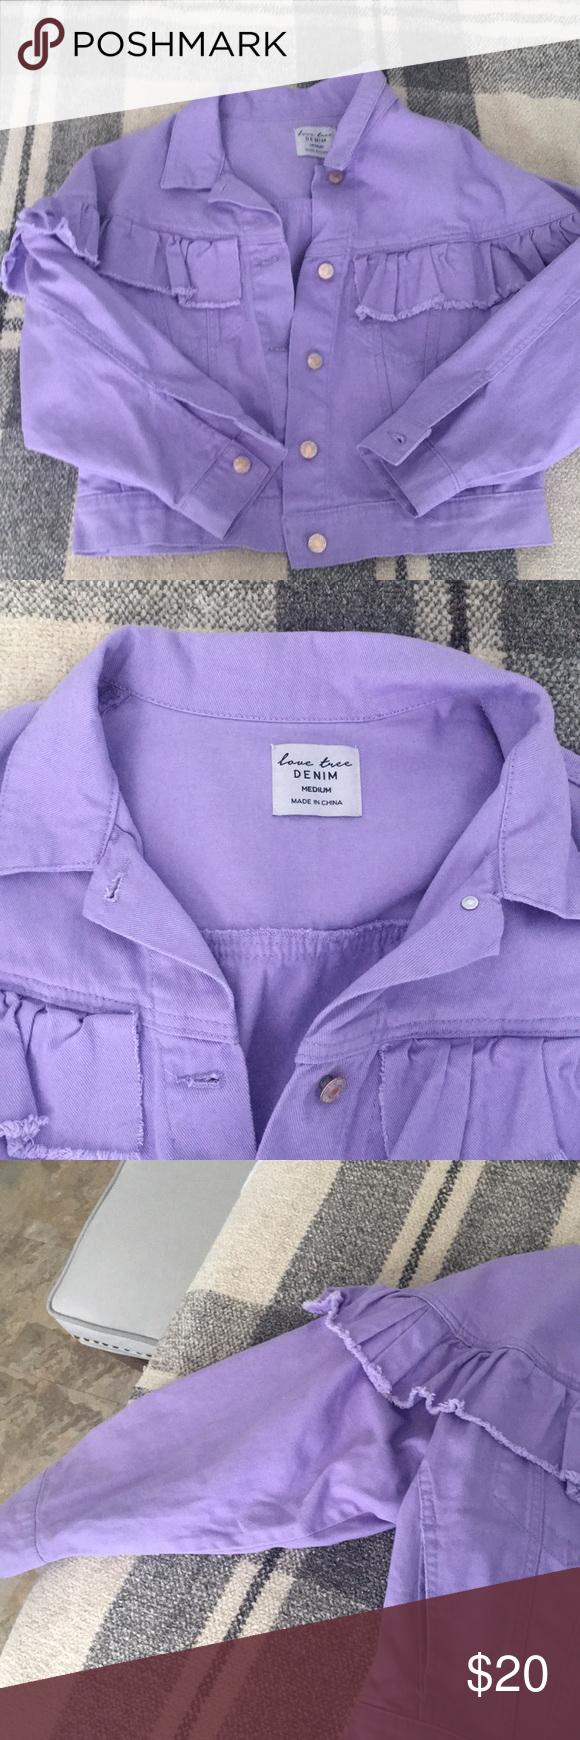 Lavender Denim Jacket Lavender Jean Jacket With Frill Design Across The Chest And Shoulder Super Cute Love Tree Jackets Jackets Denim Jacket Clothes Design [ 1740 x 580 Pixel ]